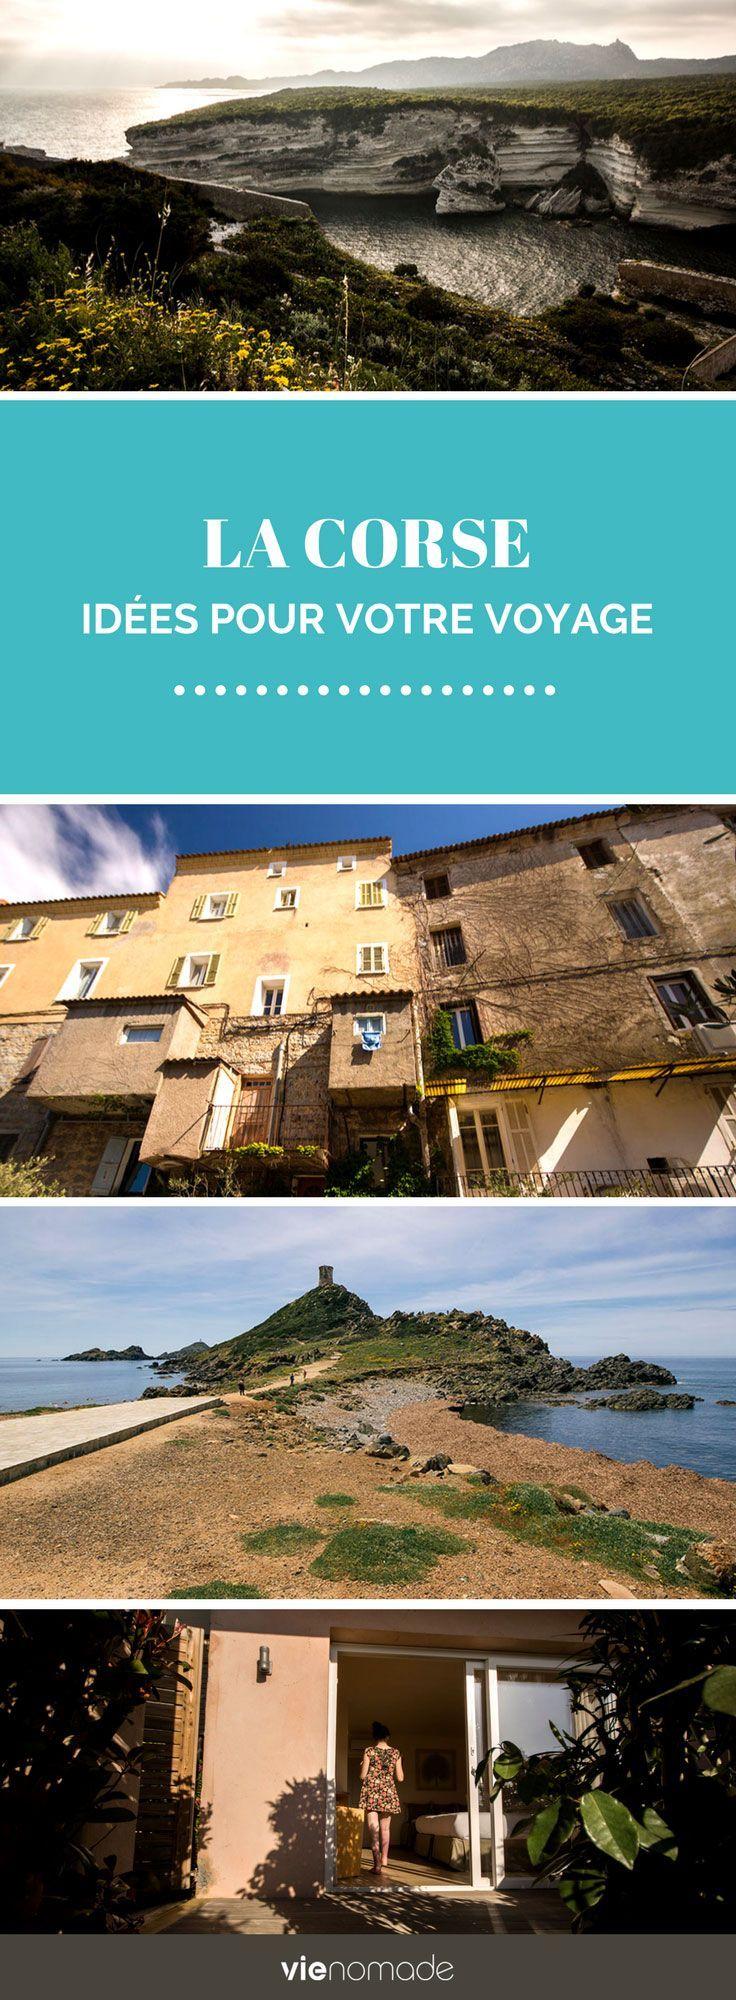 Visiter la Corse: bons plans, adresses et guide! J'ai regroupé ici toutes les ressources pour organiser votre voyage en Corse, ainsi que tous les récits qui vous inspireront afin de tracer votre itinéraire de road trip à travers ce sublime bout de Méditerranée à nulle autre pareil.  #corse #voyage #bonifacio #portovecchio #ajaccio